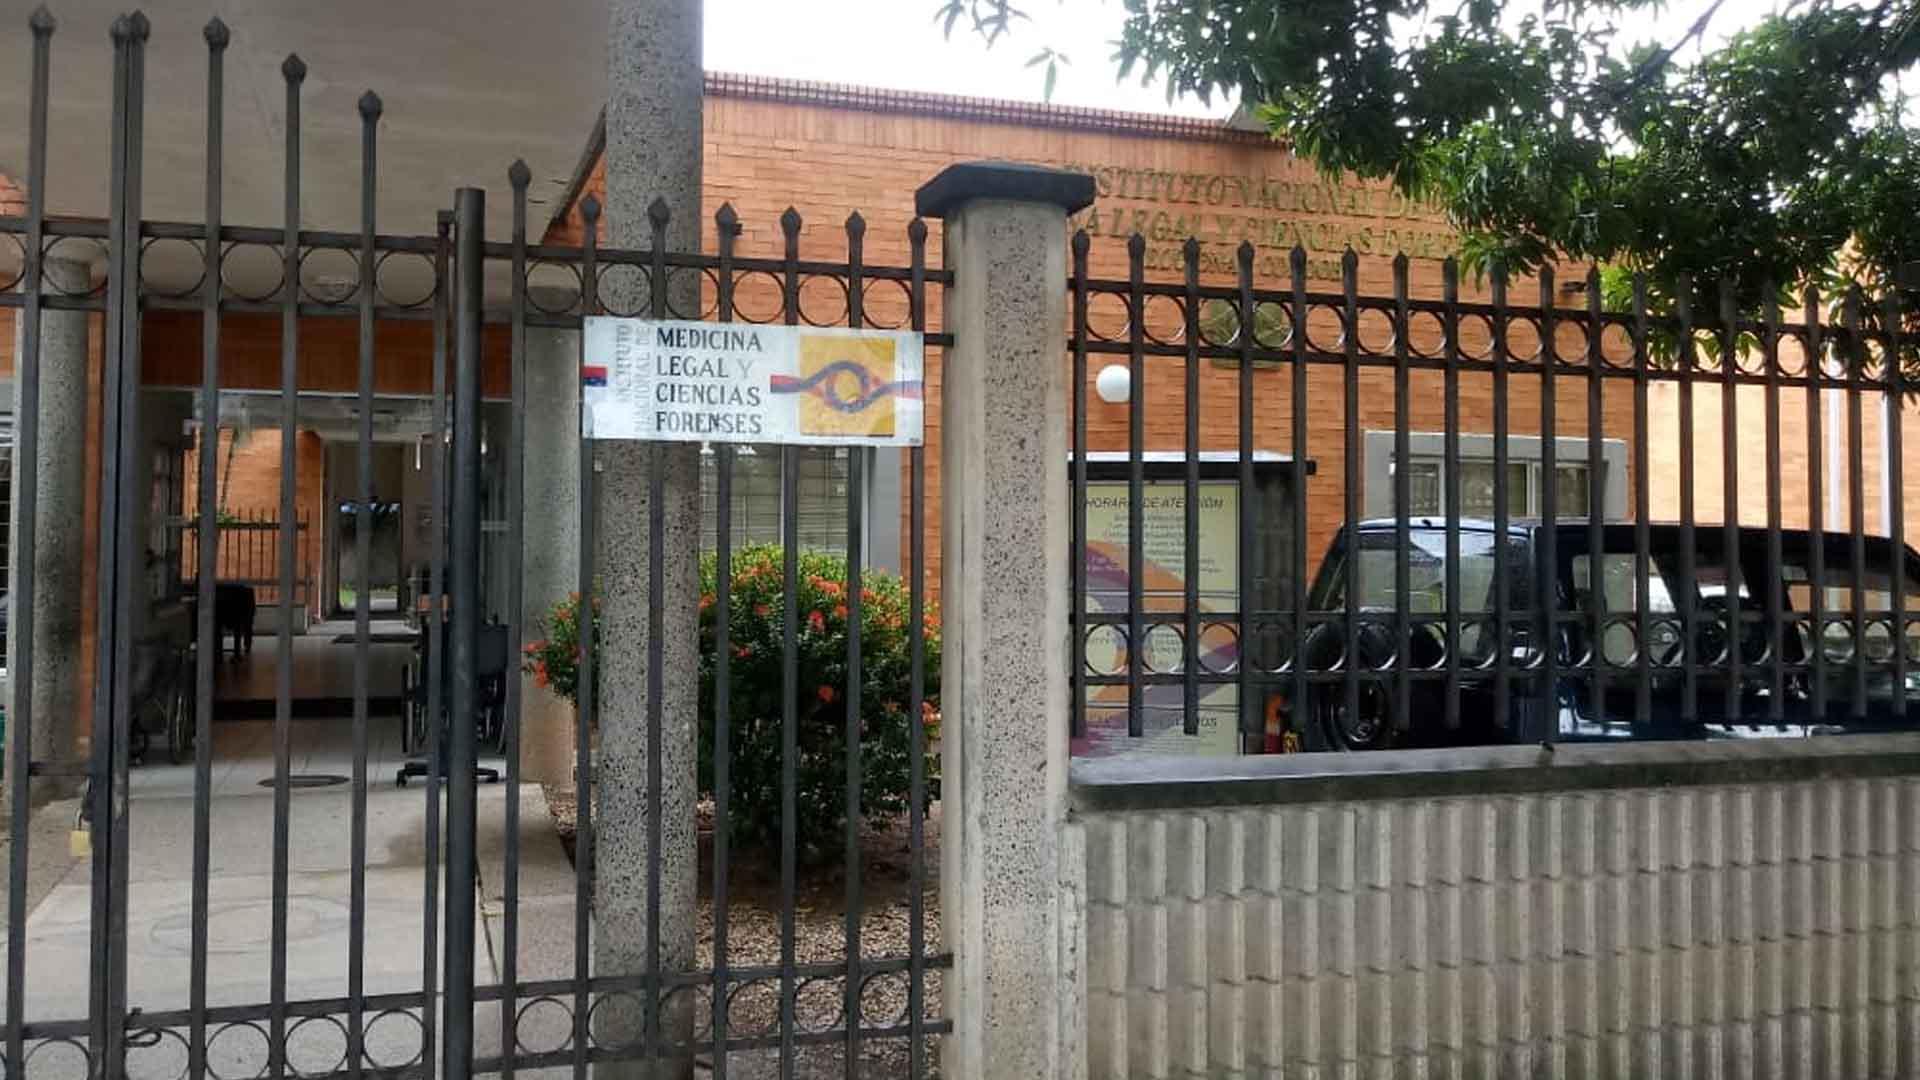 Autoridades trabajan en la identificación de las tres personas asesinadas en Canalete - El Heraldo (Colombia)